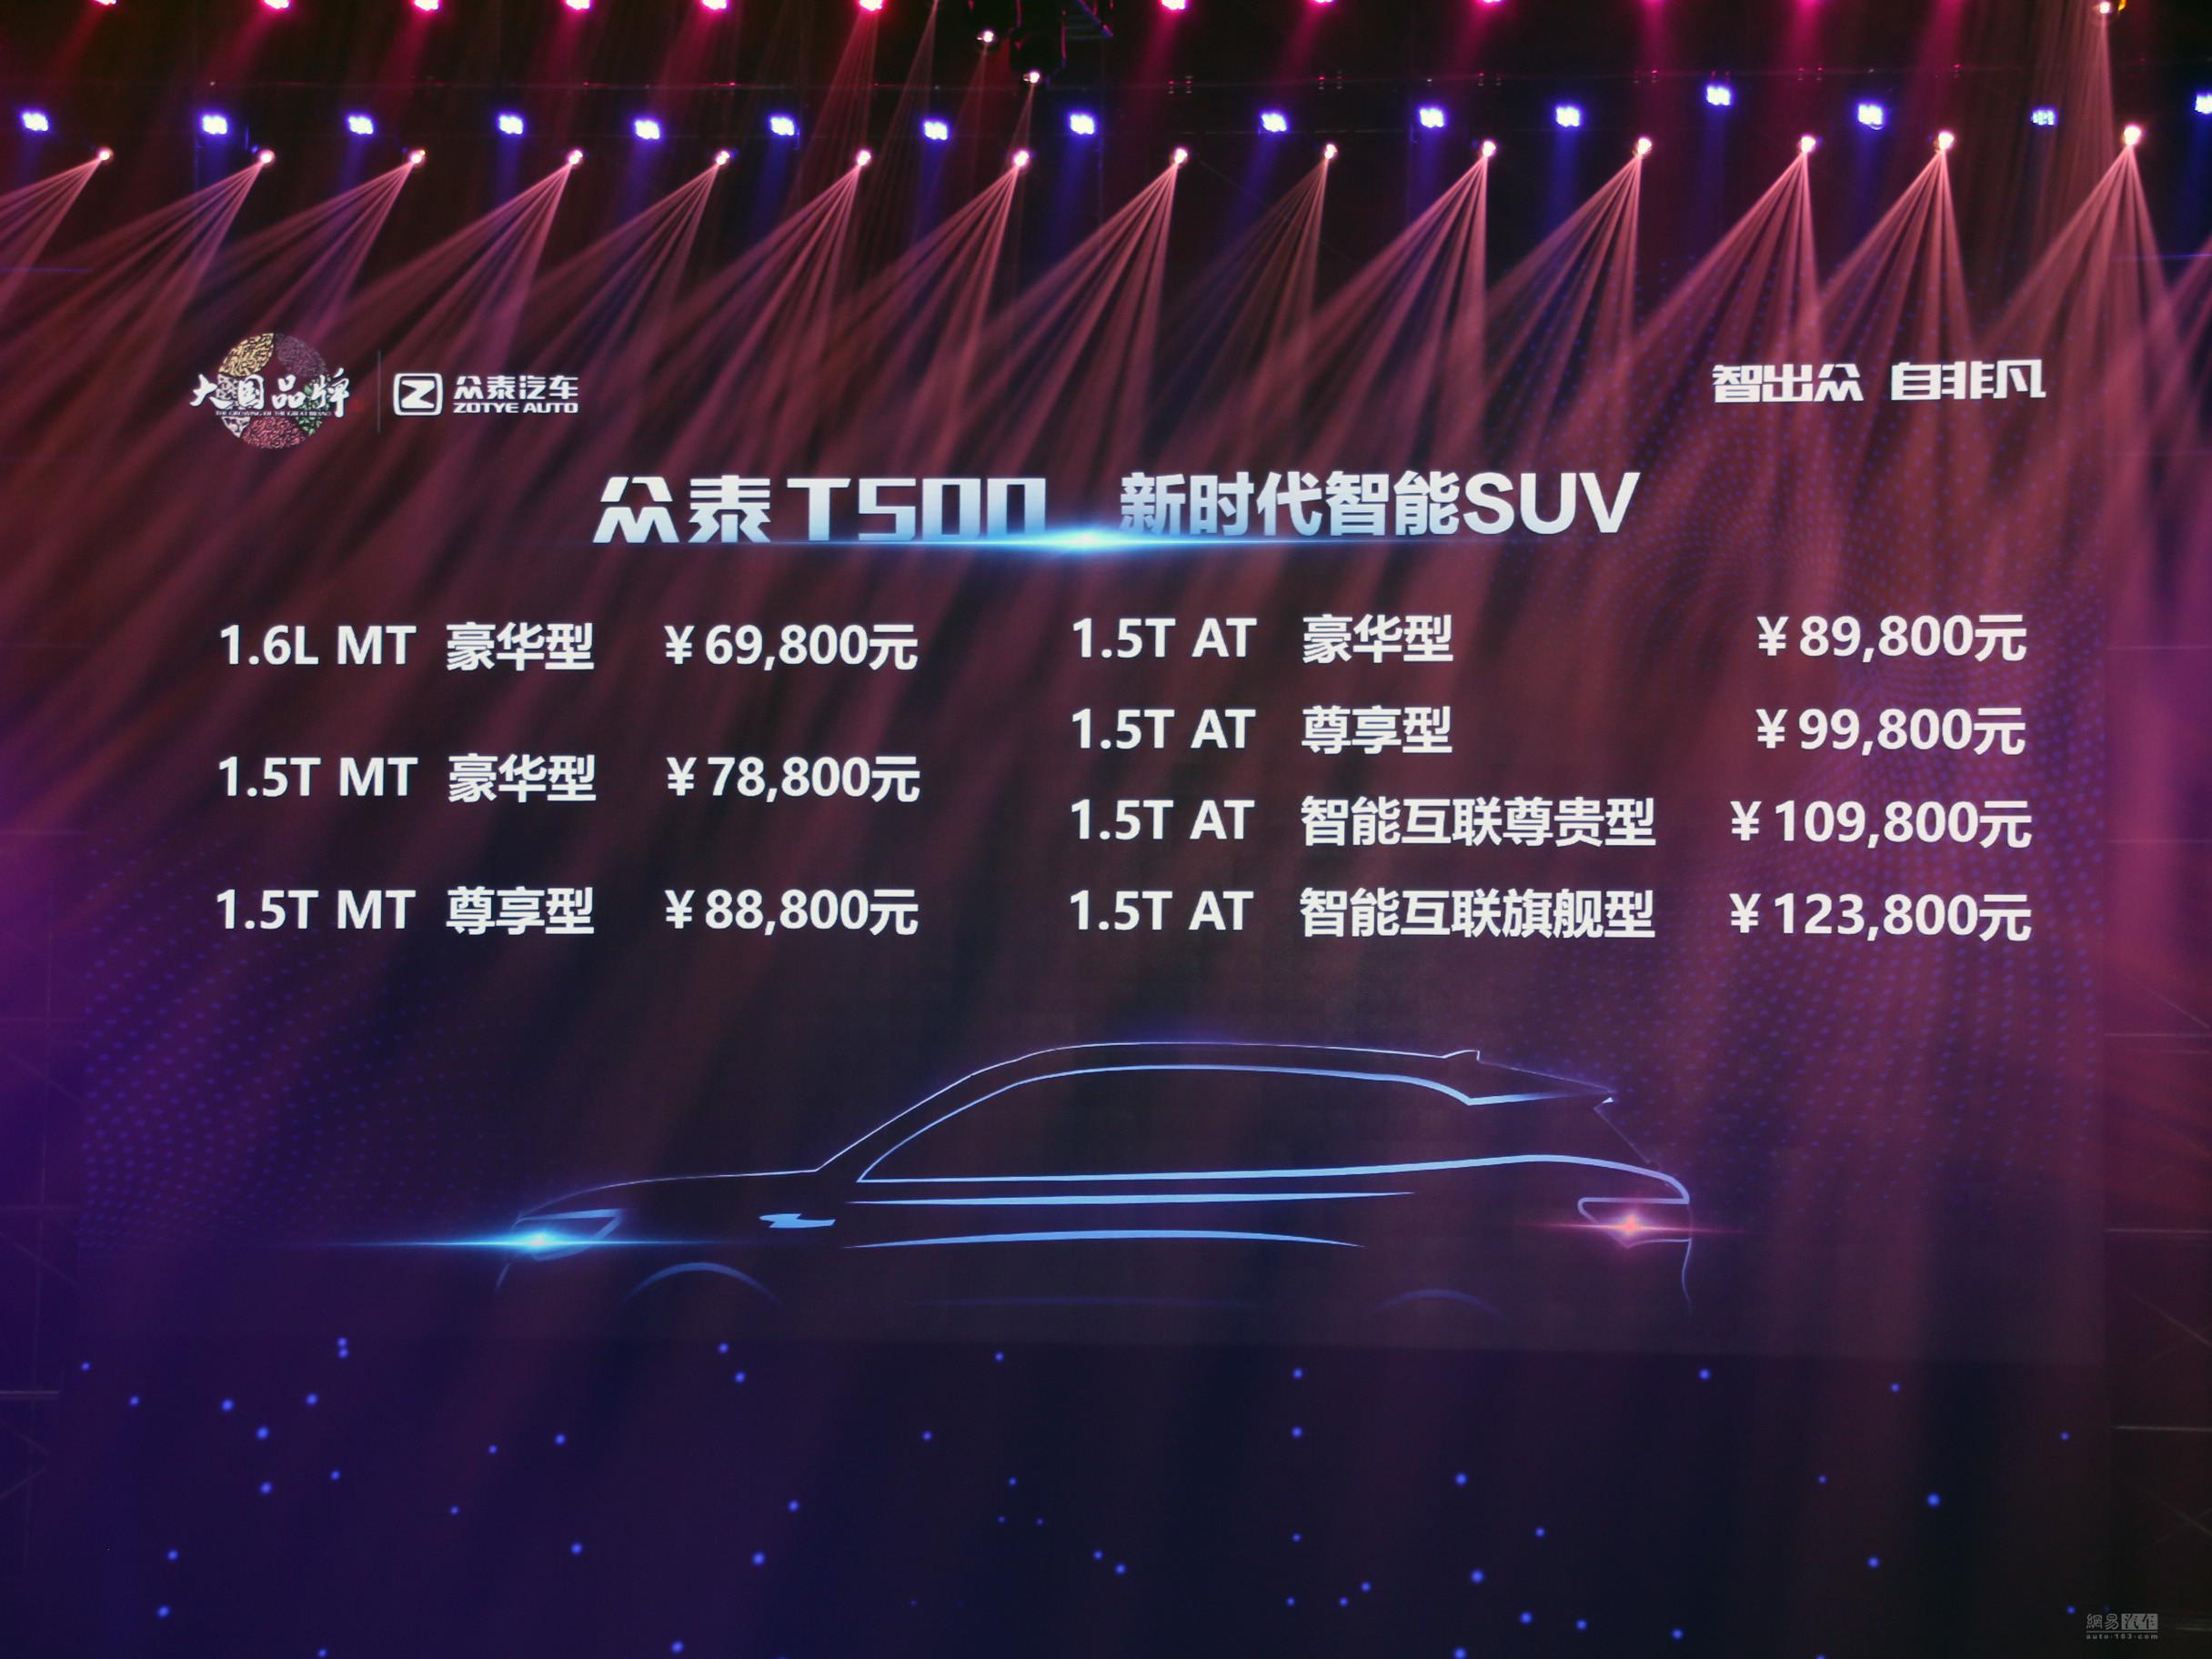 高颜值高配置 众泰T500售6.98-12.38万